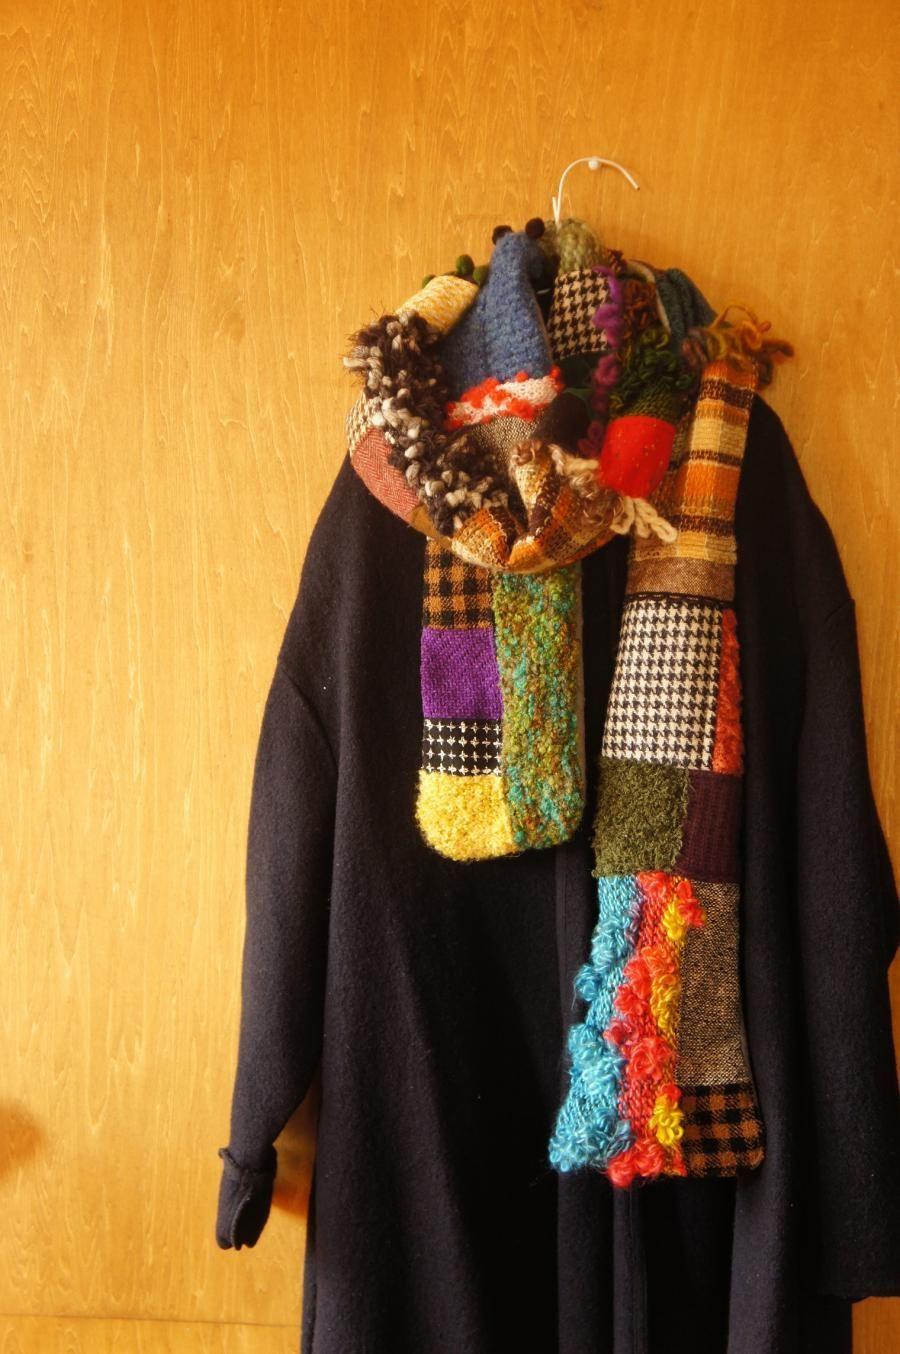 手編みニット入りのランダムパッチワークマフラー ストール 洋服 リフォーム 手編み 美しいかぎ針編み